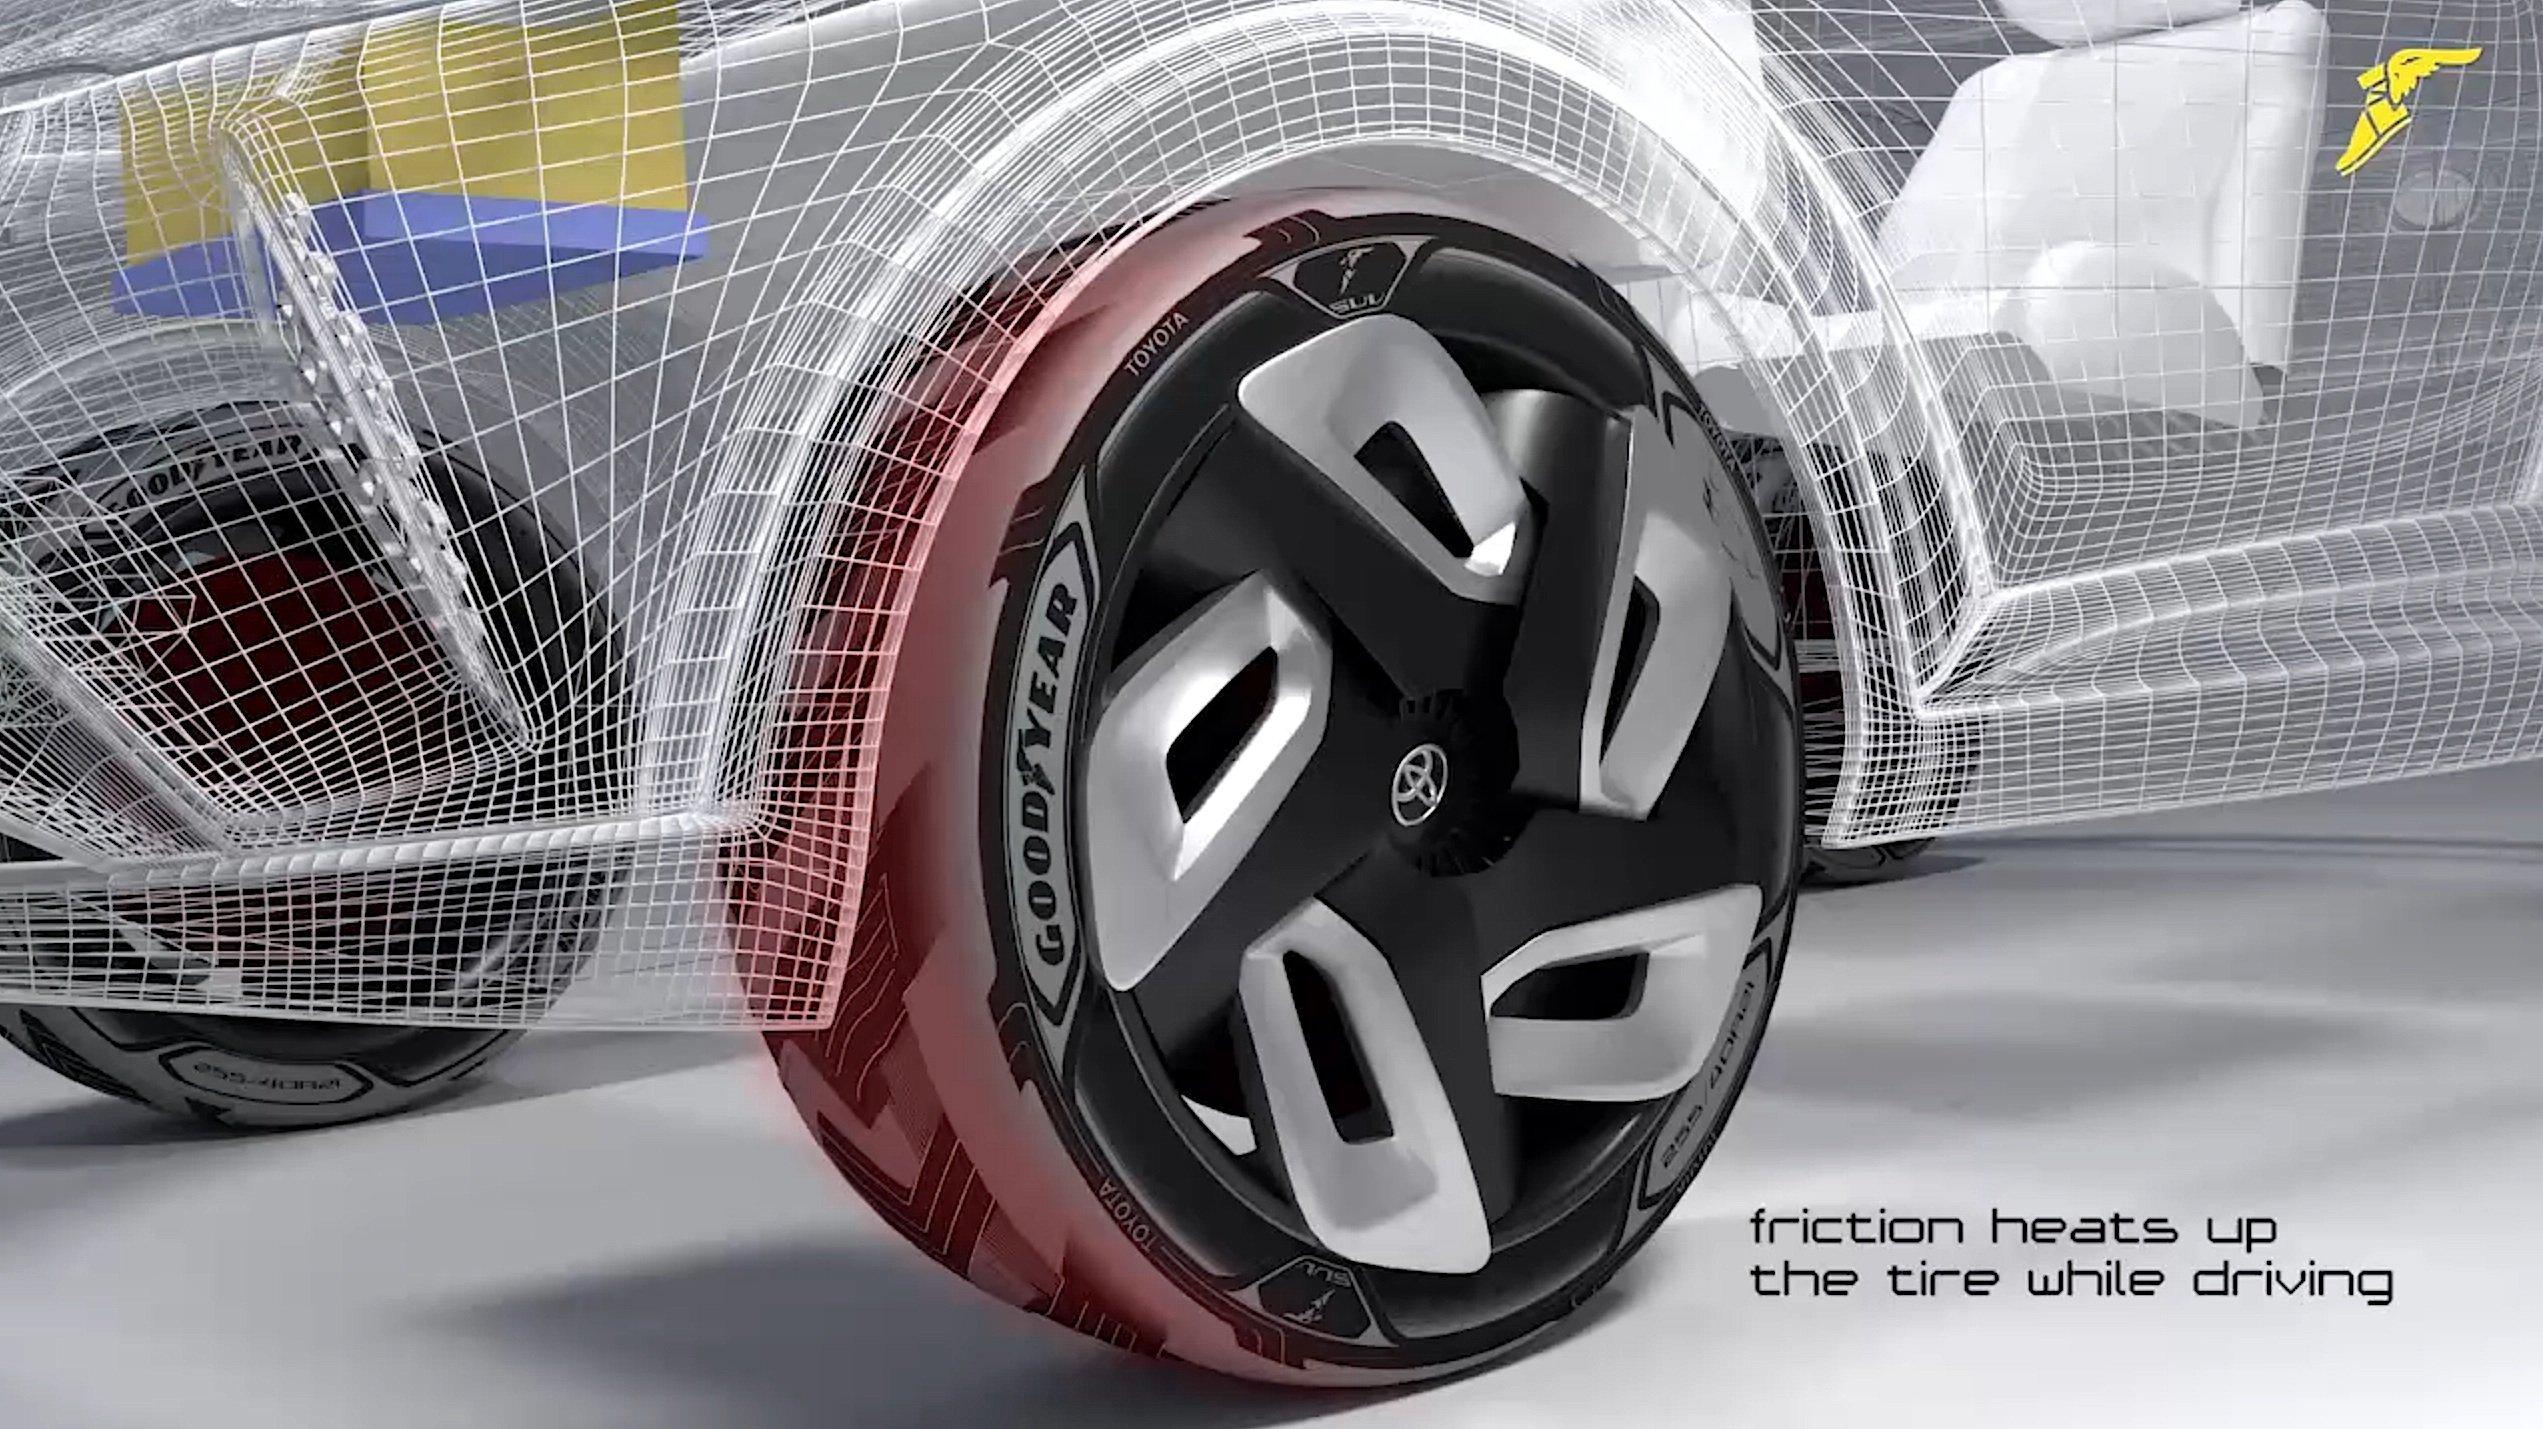 Der auf dem Autosalon in Genf vorgestellte Konzeptreifen von Goodyear kann auch im Stand nur aus der Wärme der Sonneneinstrahlung Strom erzeugen. Deshalb ist er besonders schwarz eingefärbt.